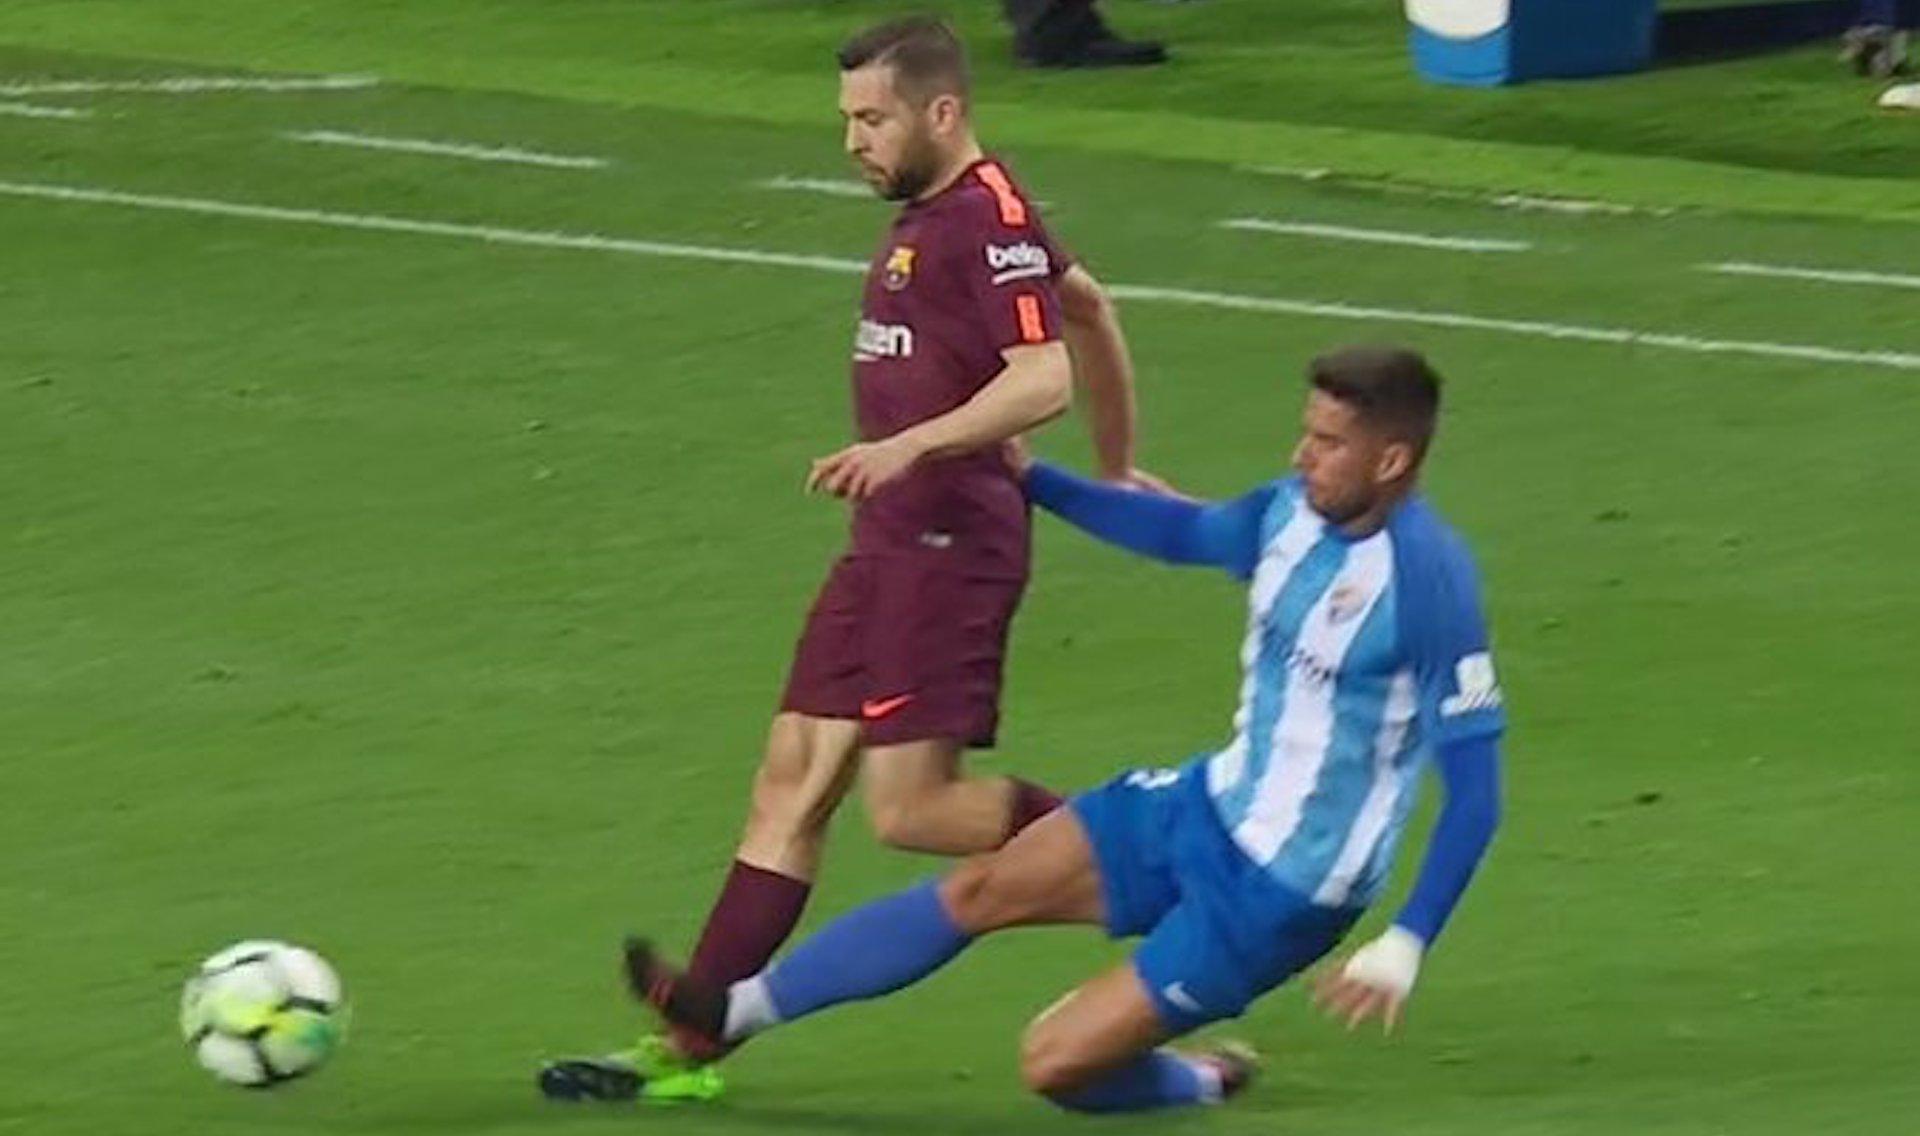 Barcelona busca mantener su paso arrollador ante Málaga